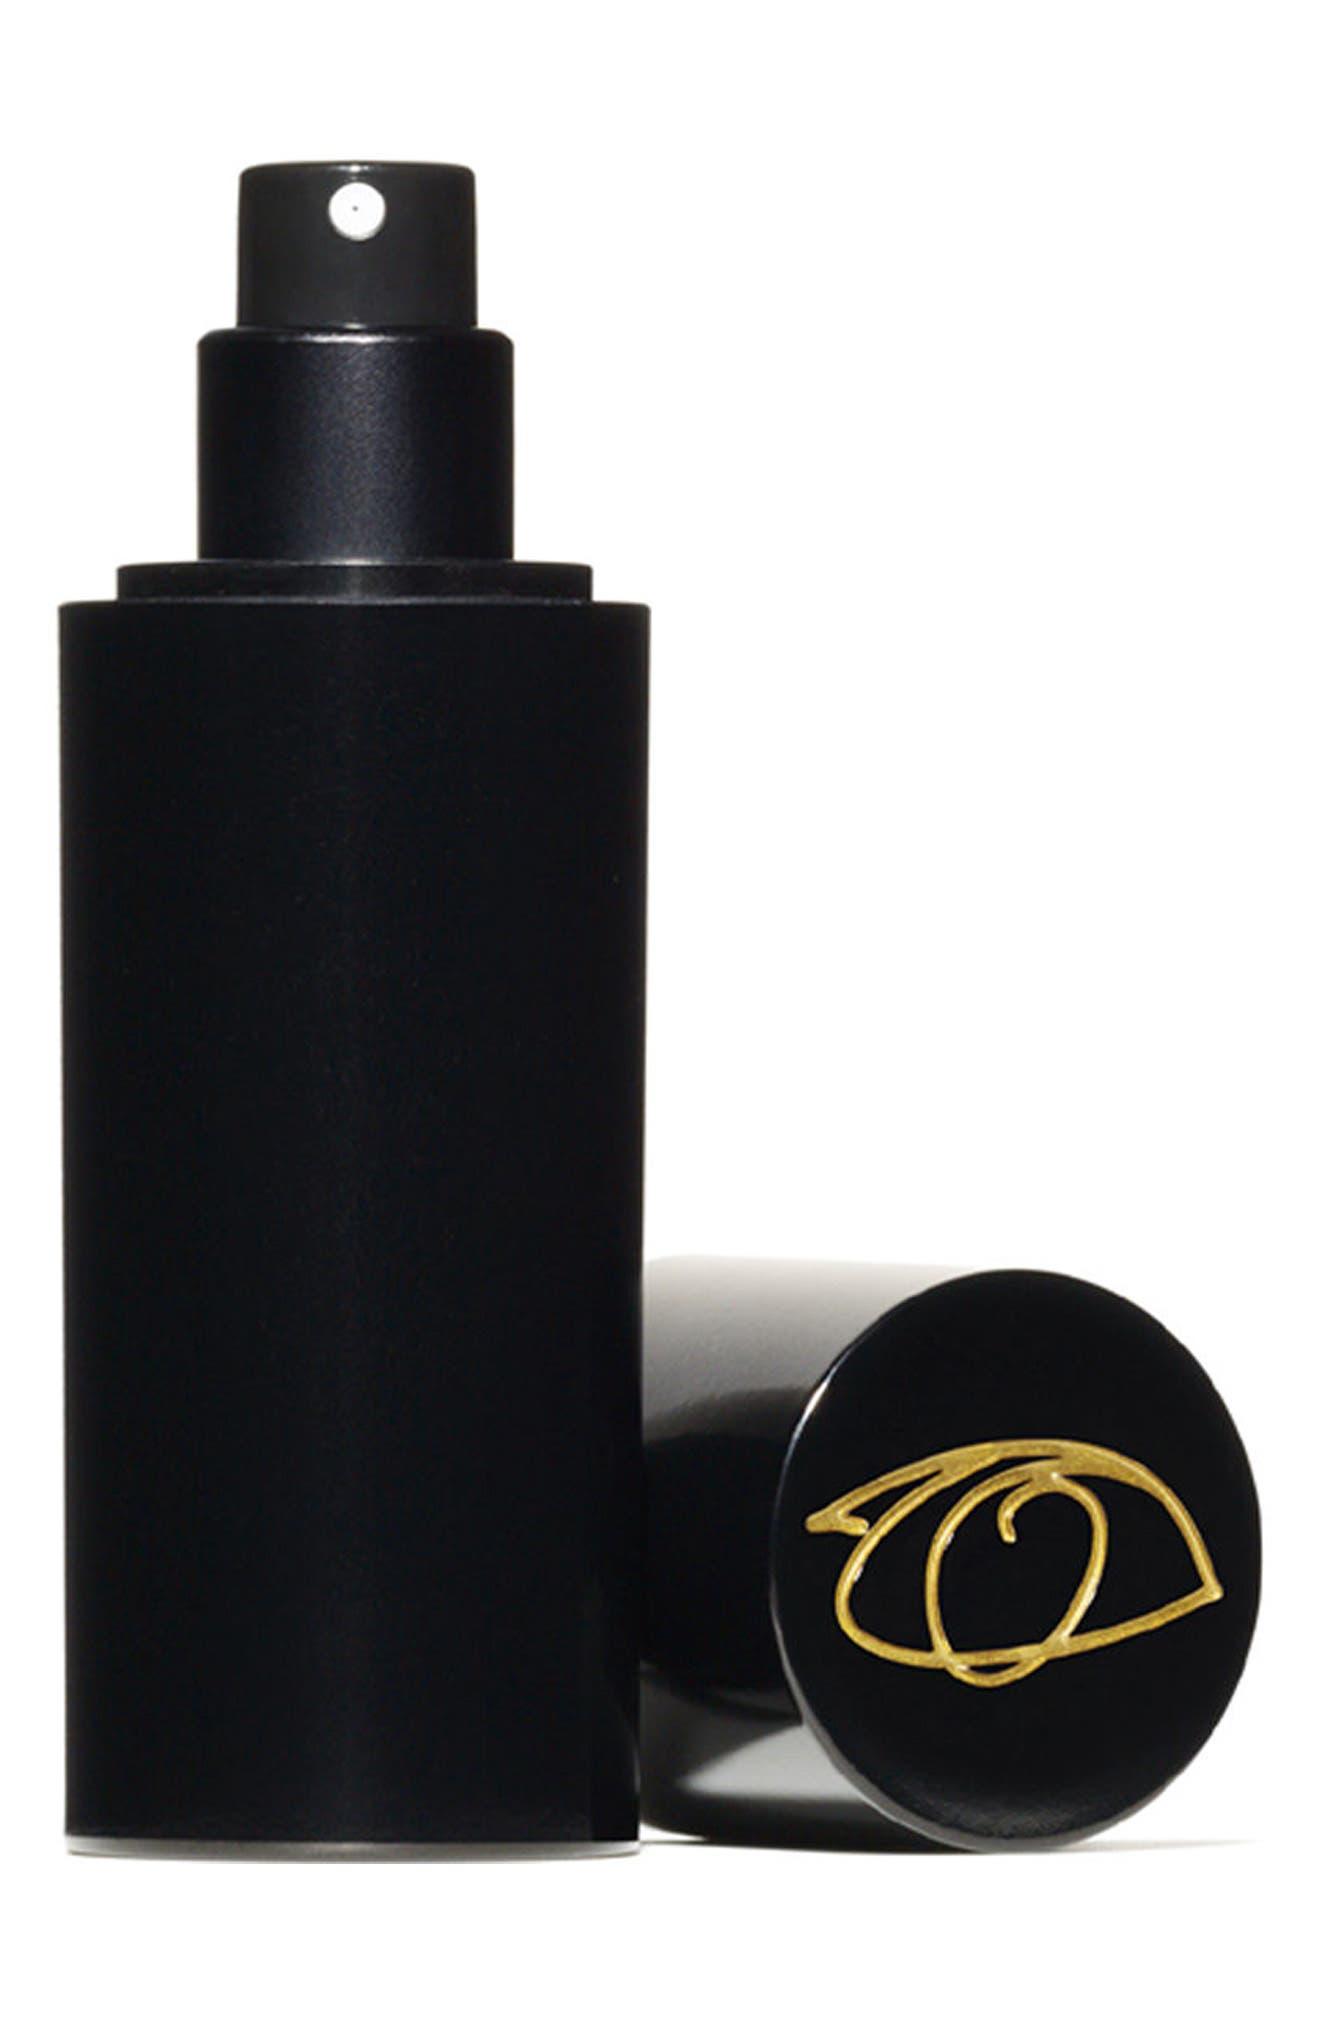 Editions de Parfums Frédéric Malle Alber Elbaz Superstitious Eau de Parfum Travel Spray Case